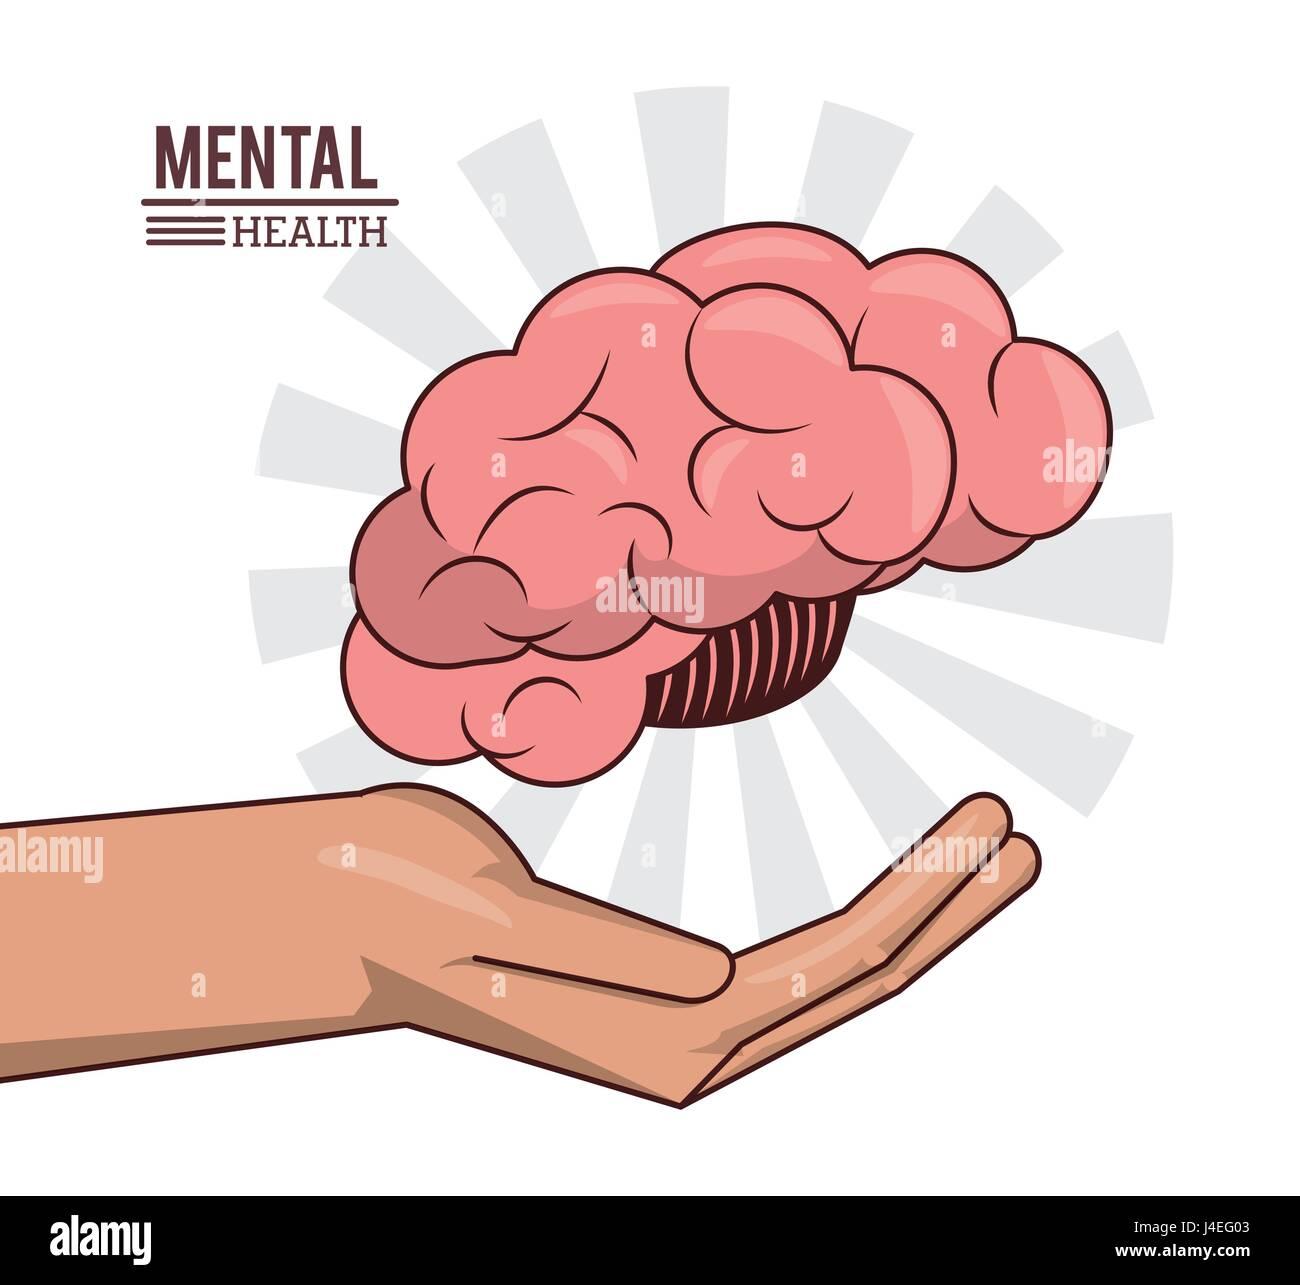 La salute mentale, a portata di mano con il cervello umano medico di prevenzione Immagini Stock